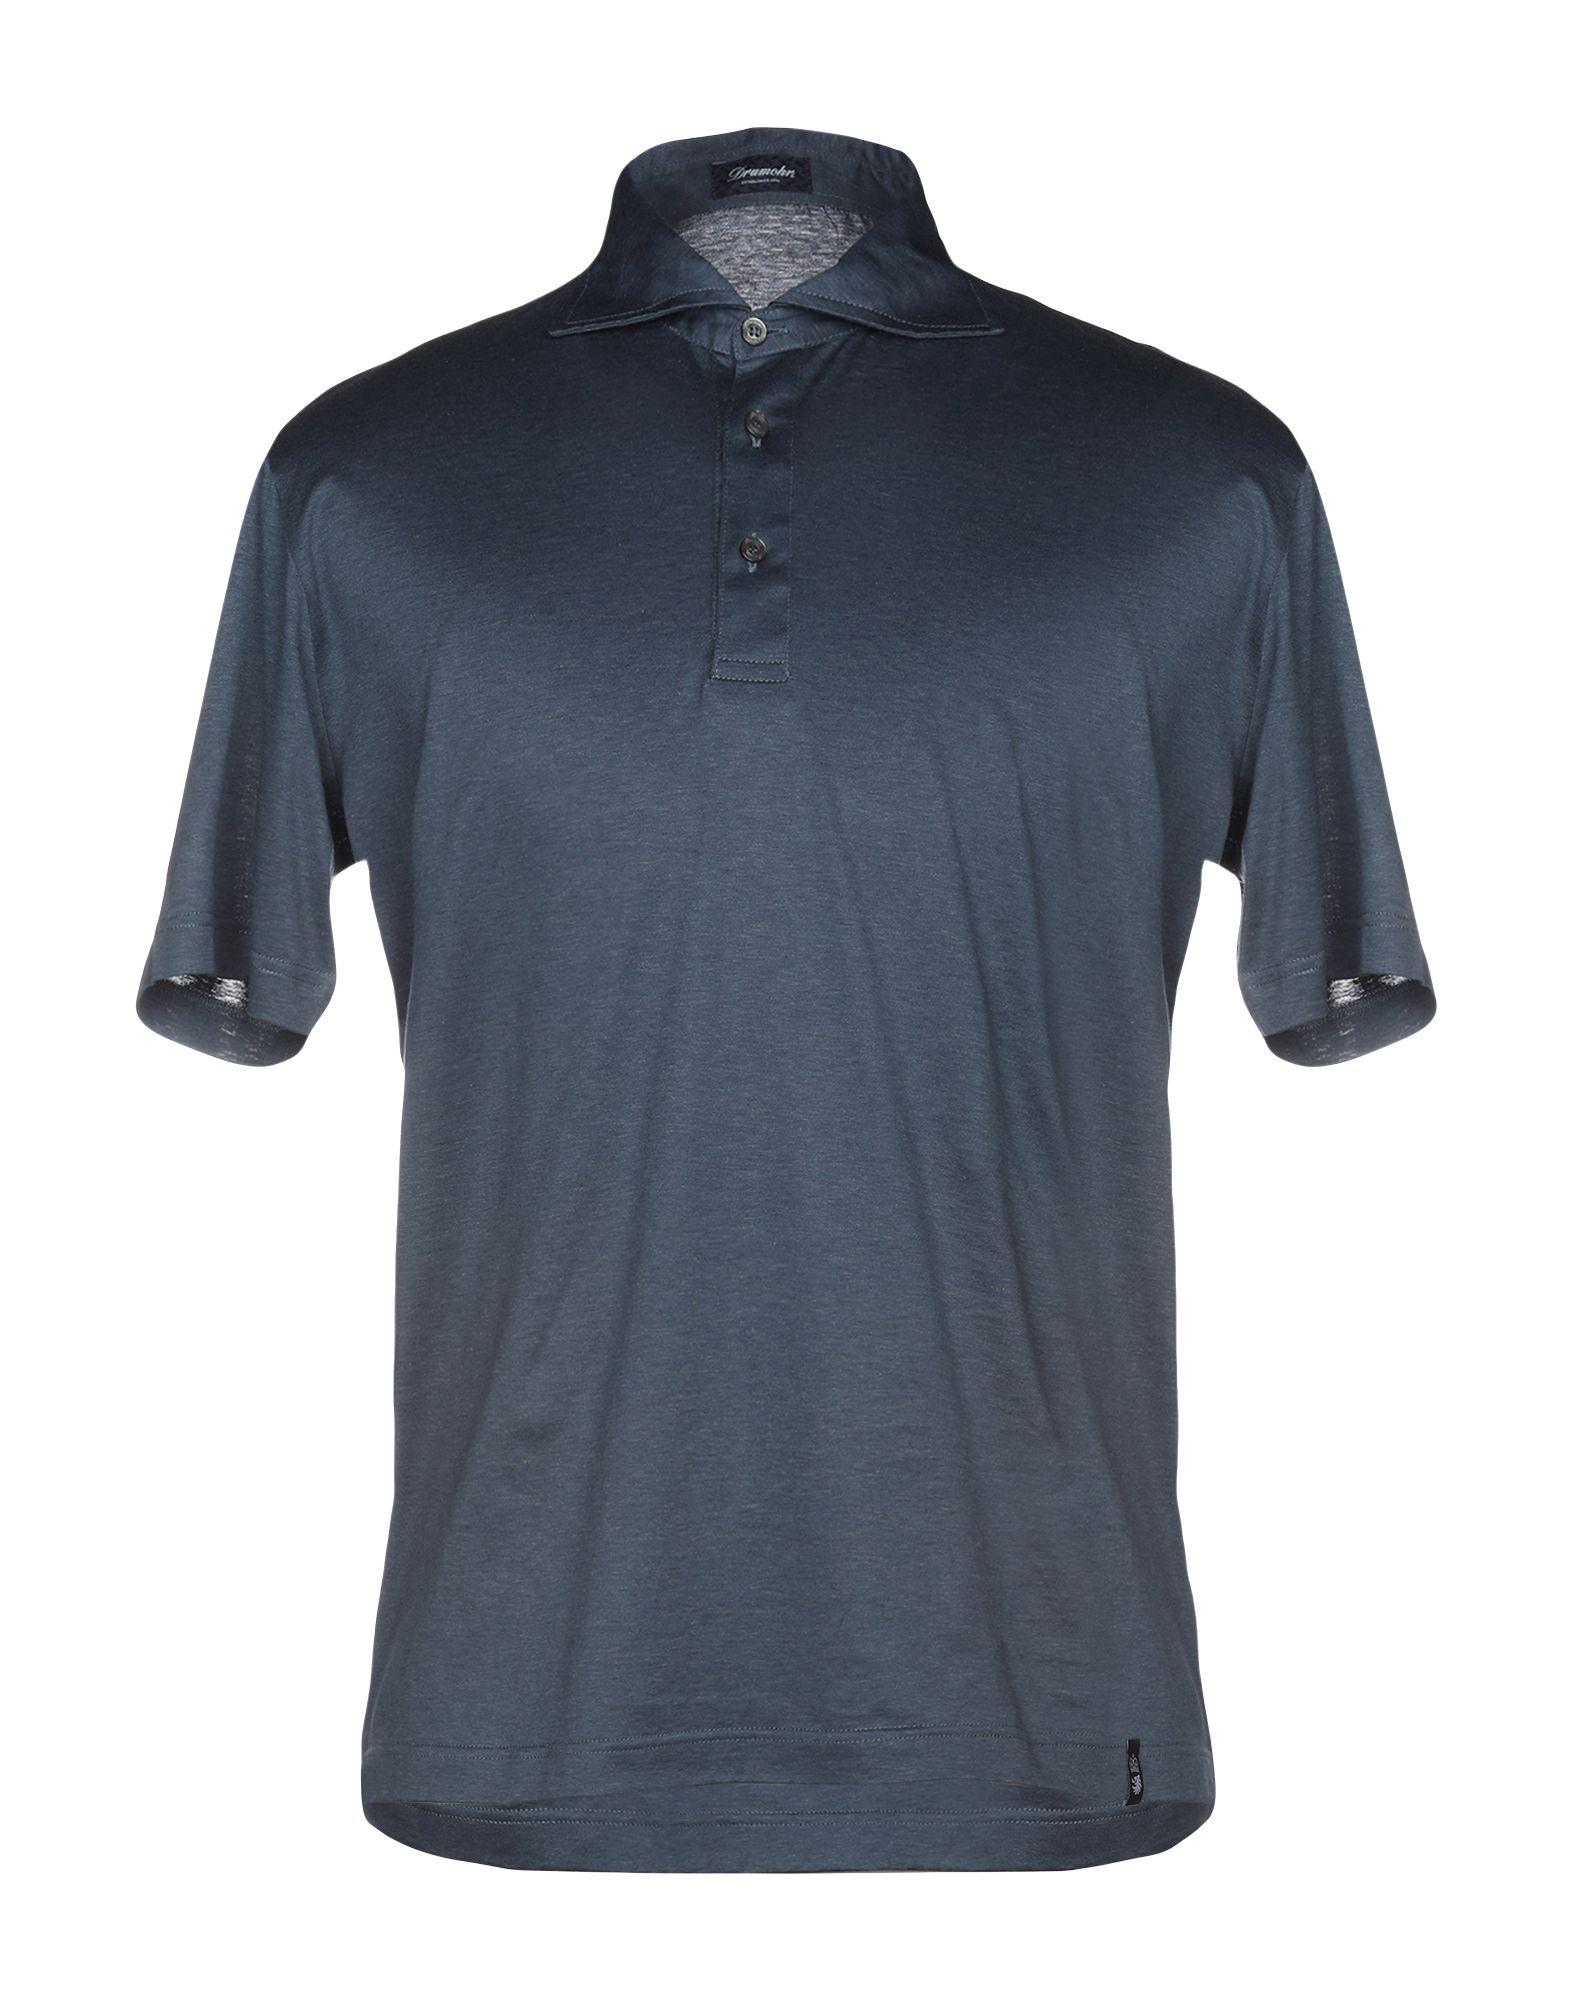 《送料無料》DRUMOHR メンズ ポロシャツ ブルーグレー XS コットン 100%